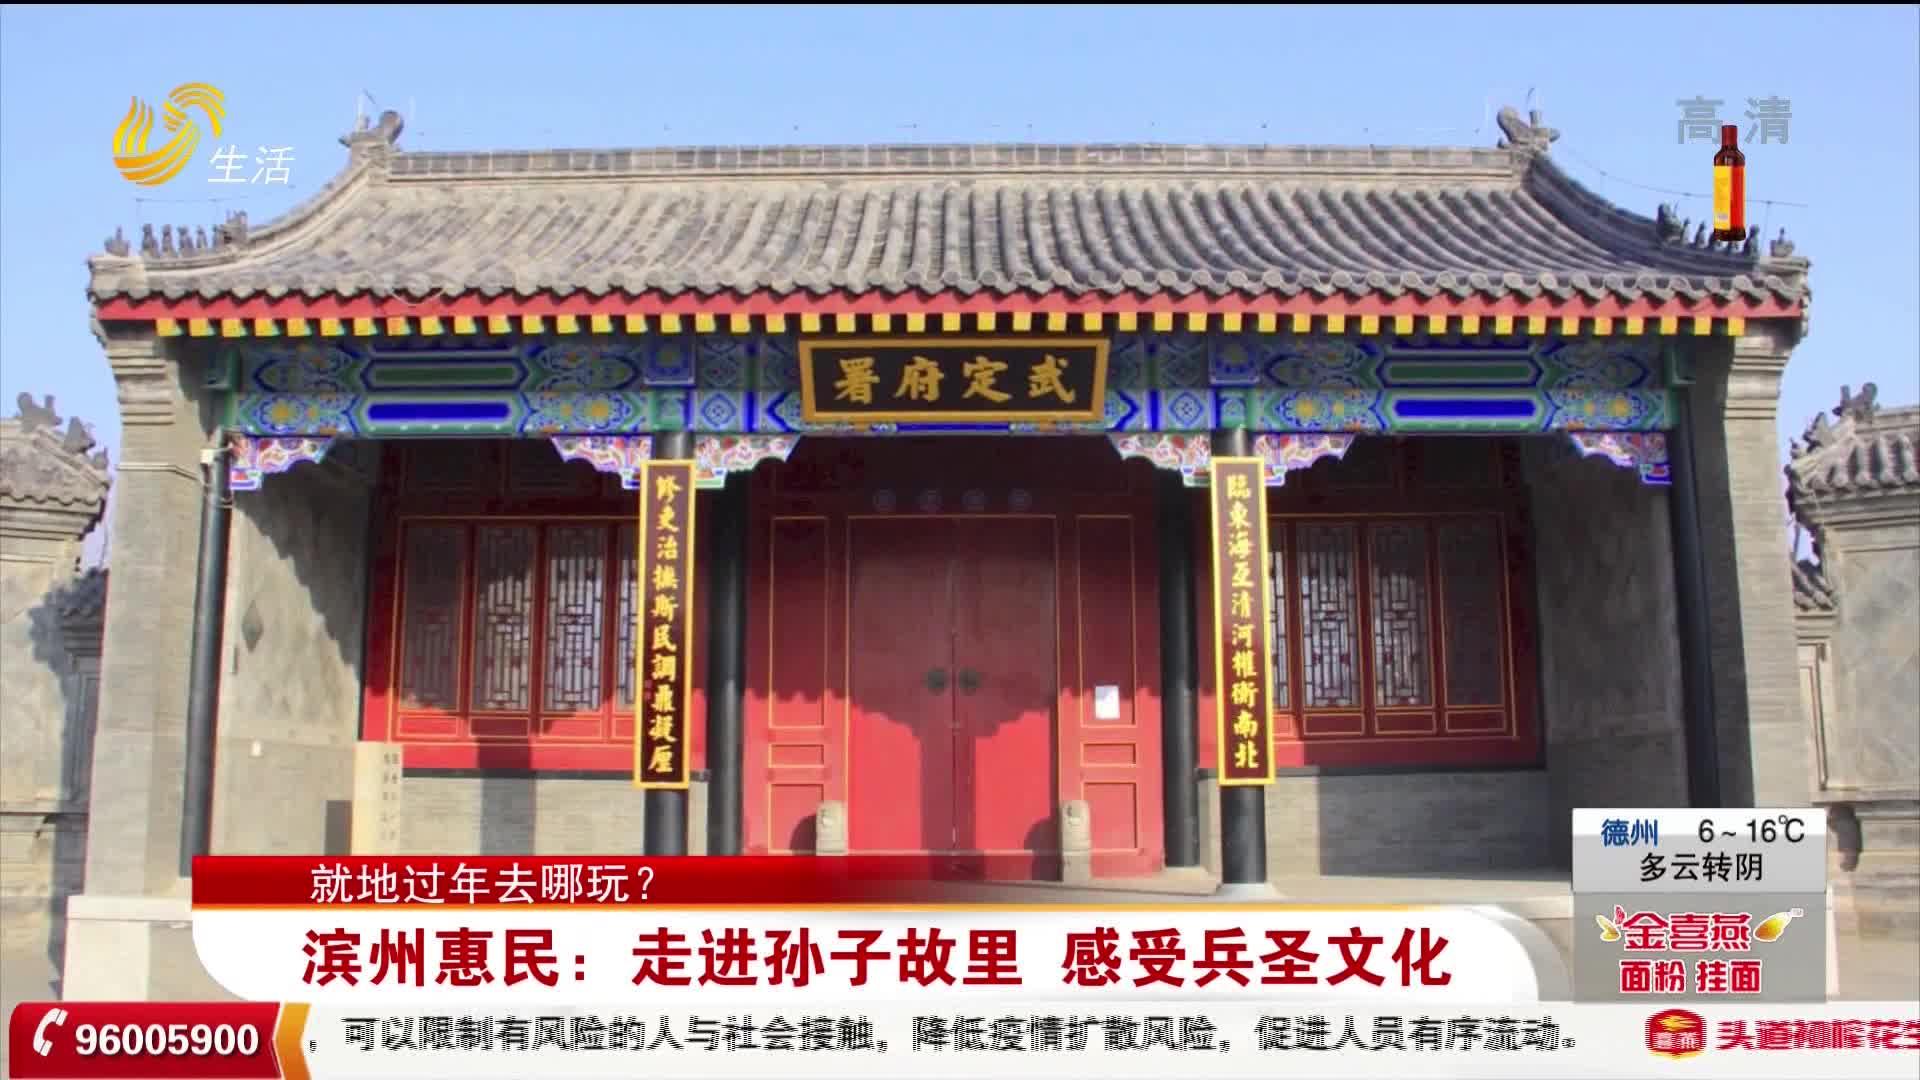 就地过年去哪玩?滨州惠民:走进孙子故里 感受兵圣文化